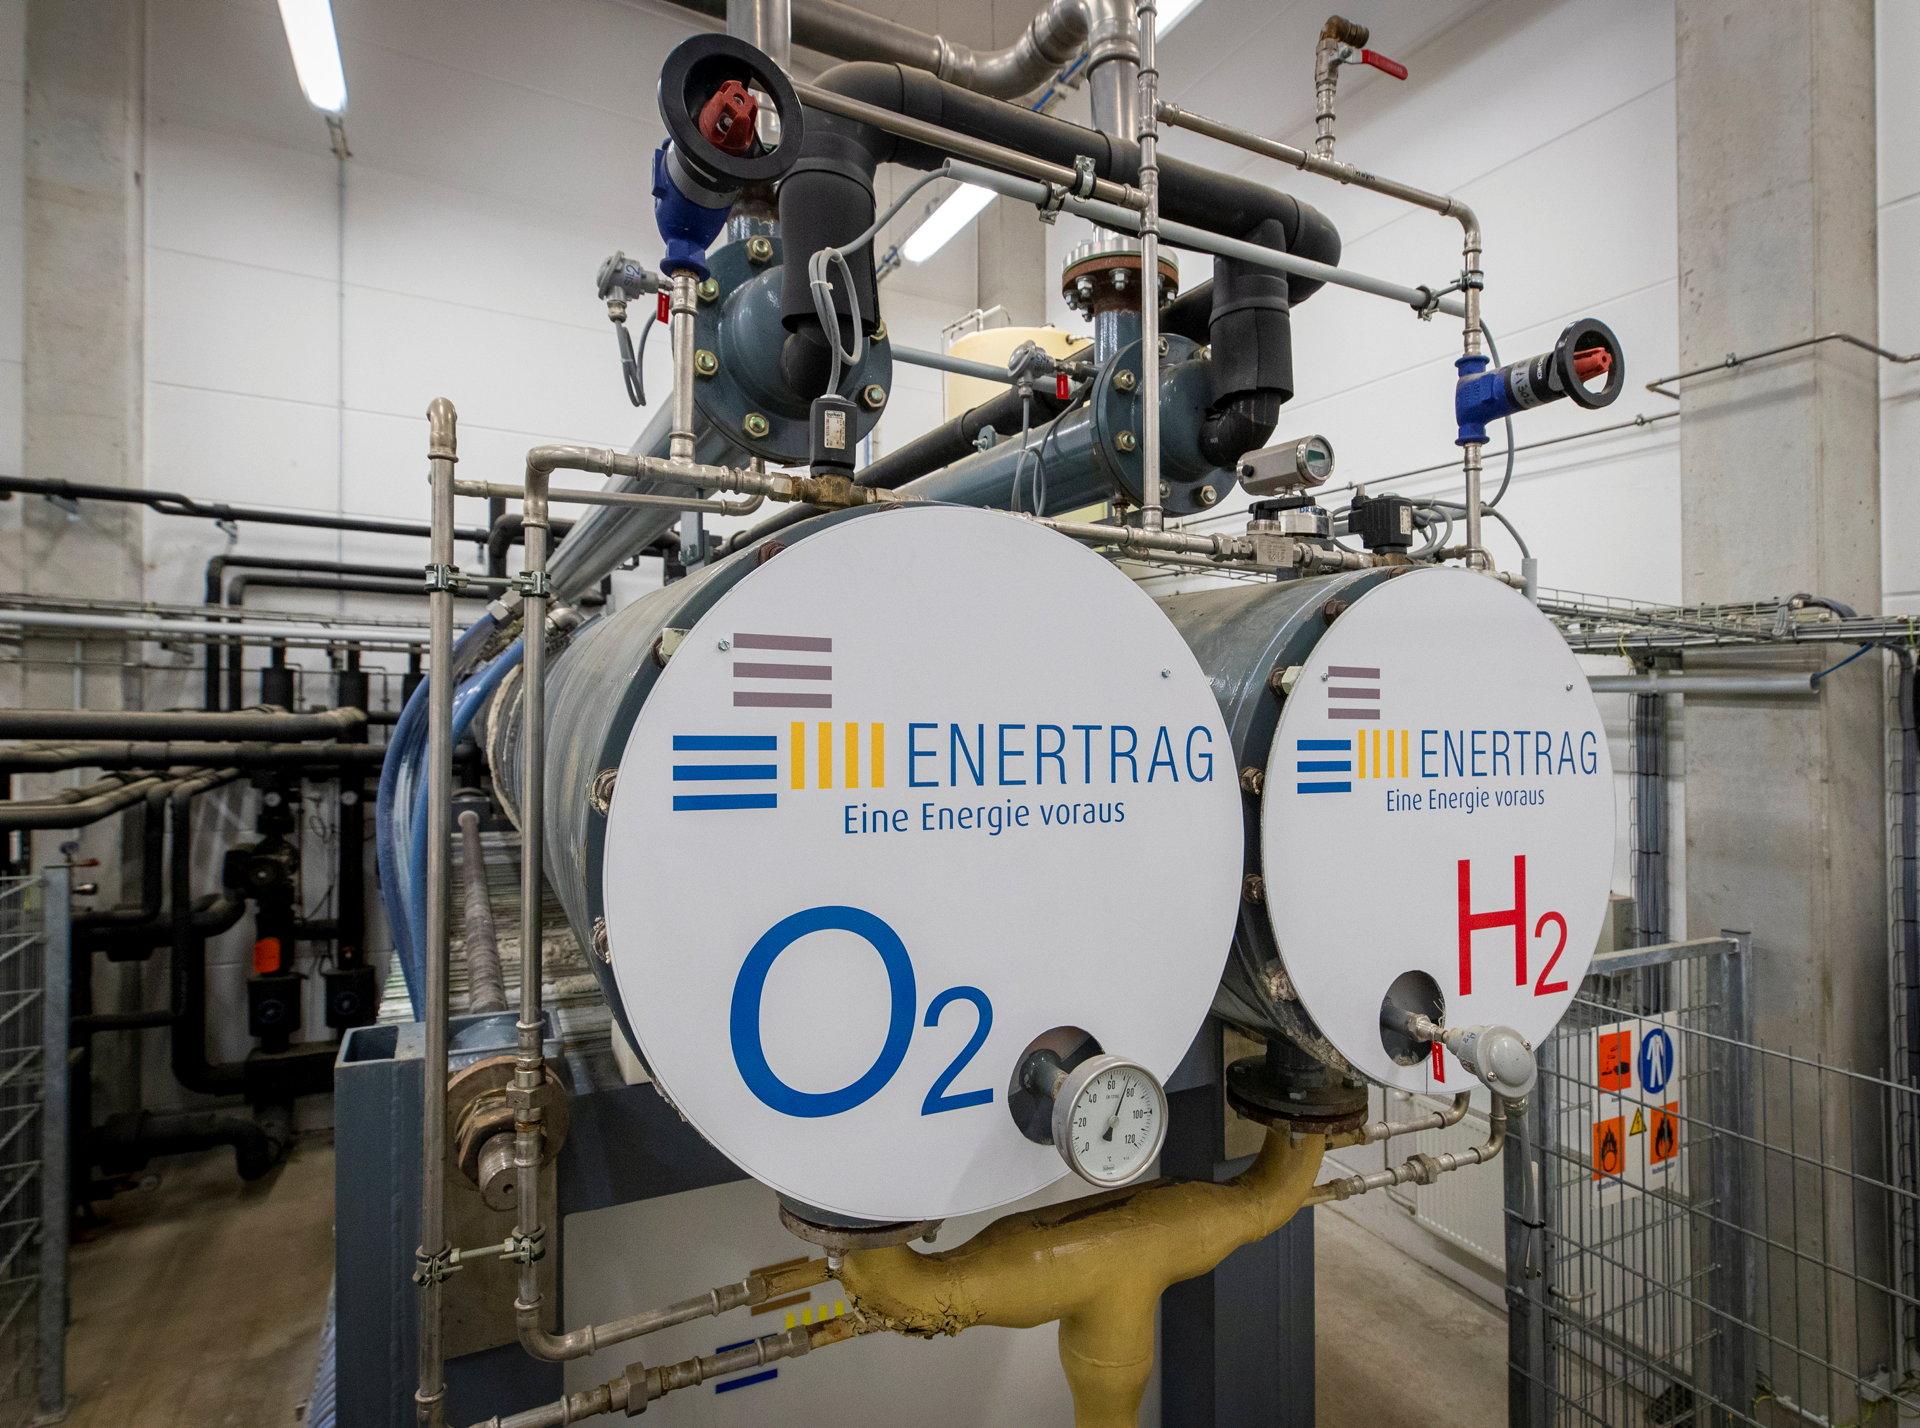 Elektrolyseuranlage mit Enertrag-Branding und Beschriftung für Sauerstoff und Wasserstoff.